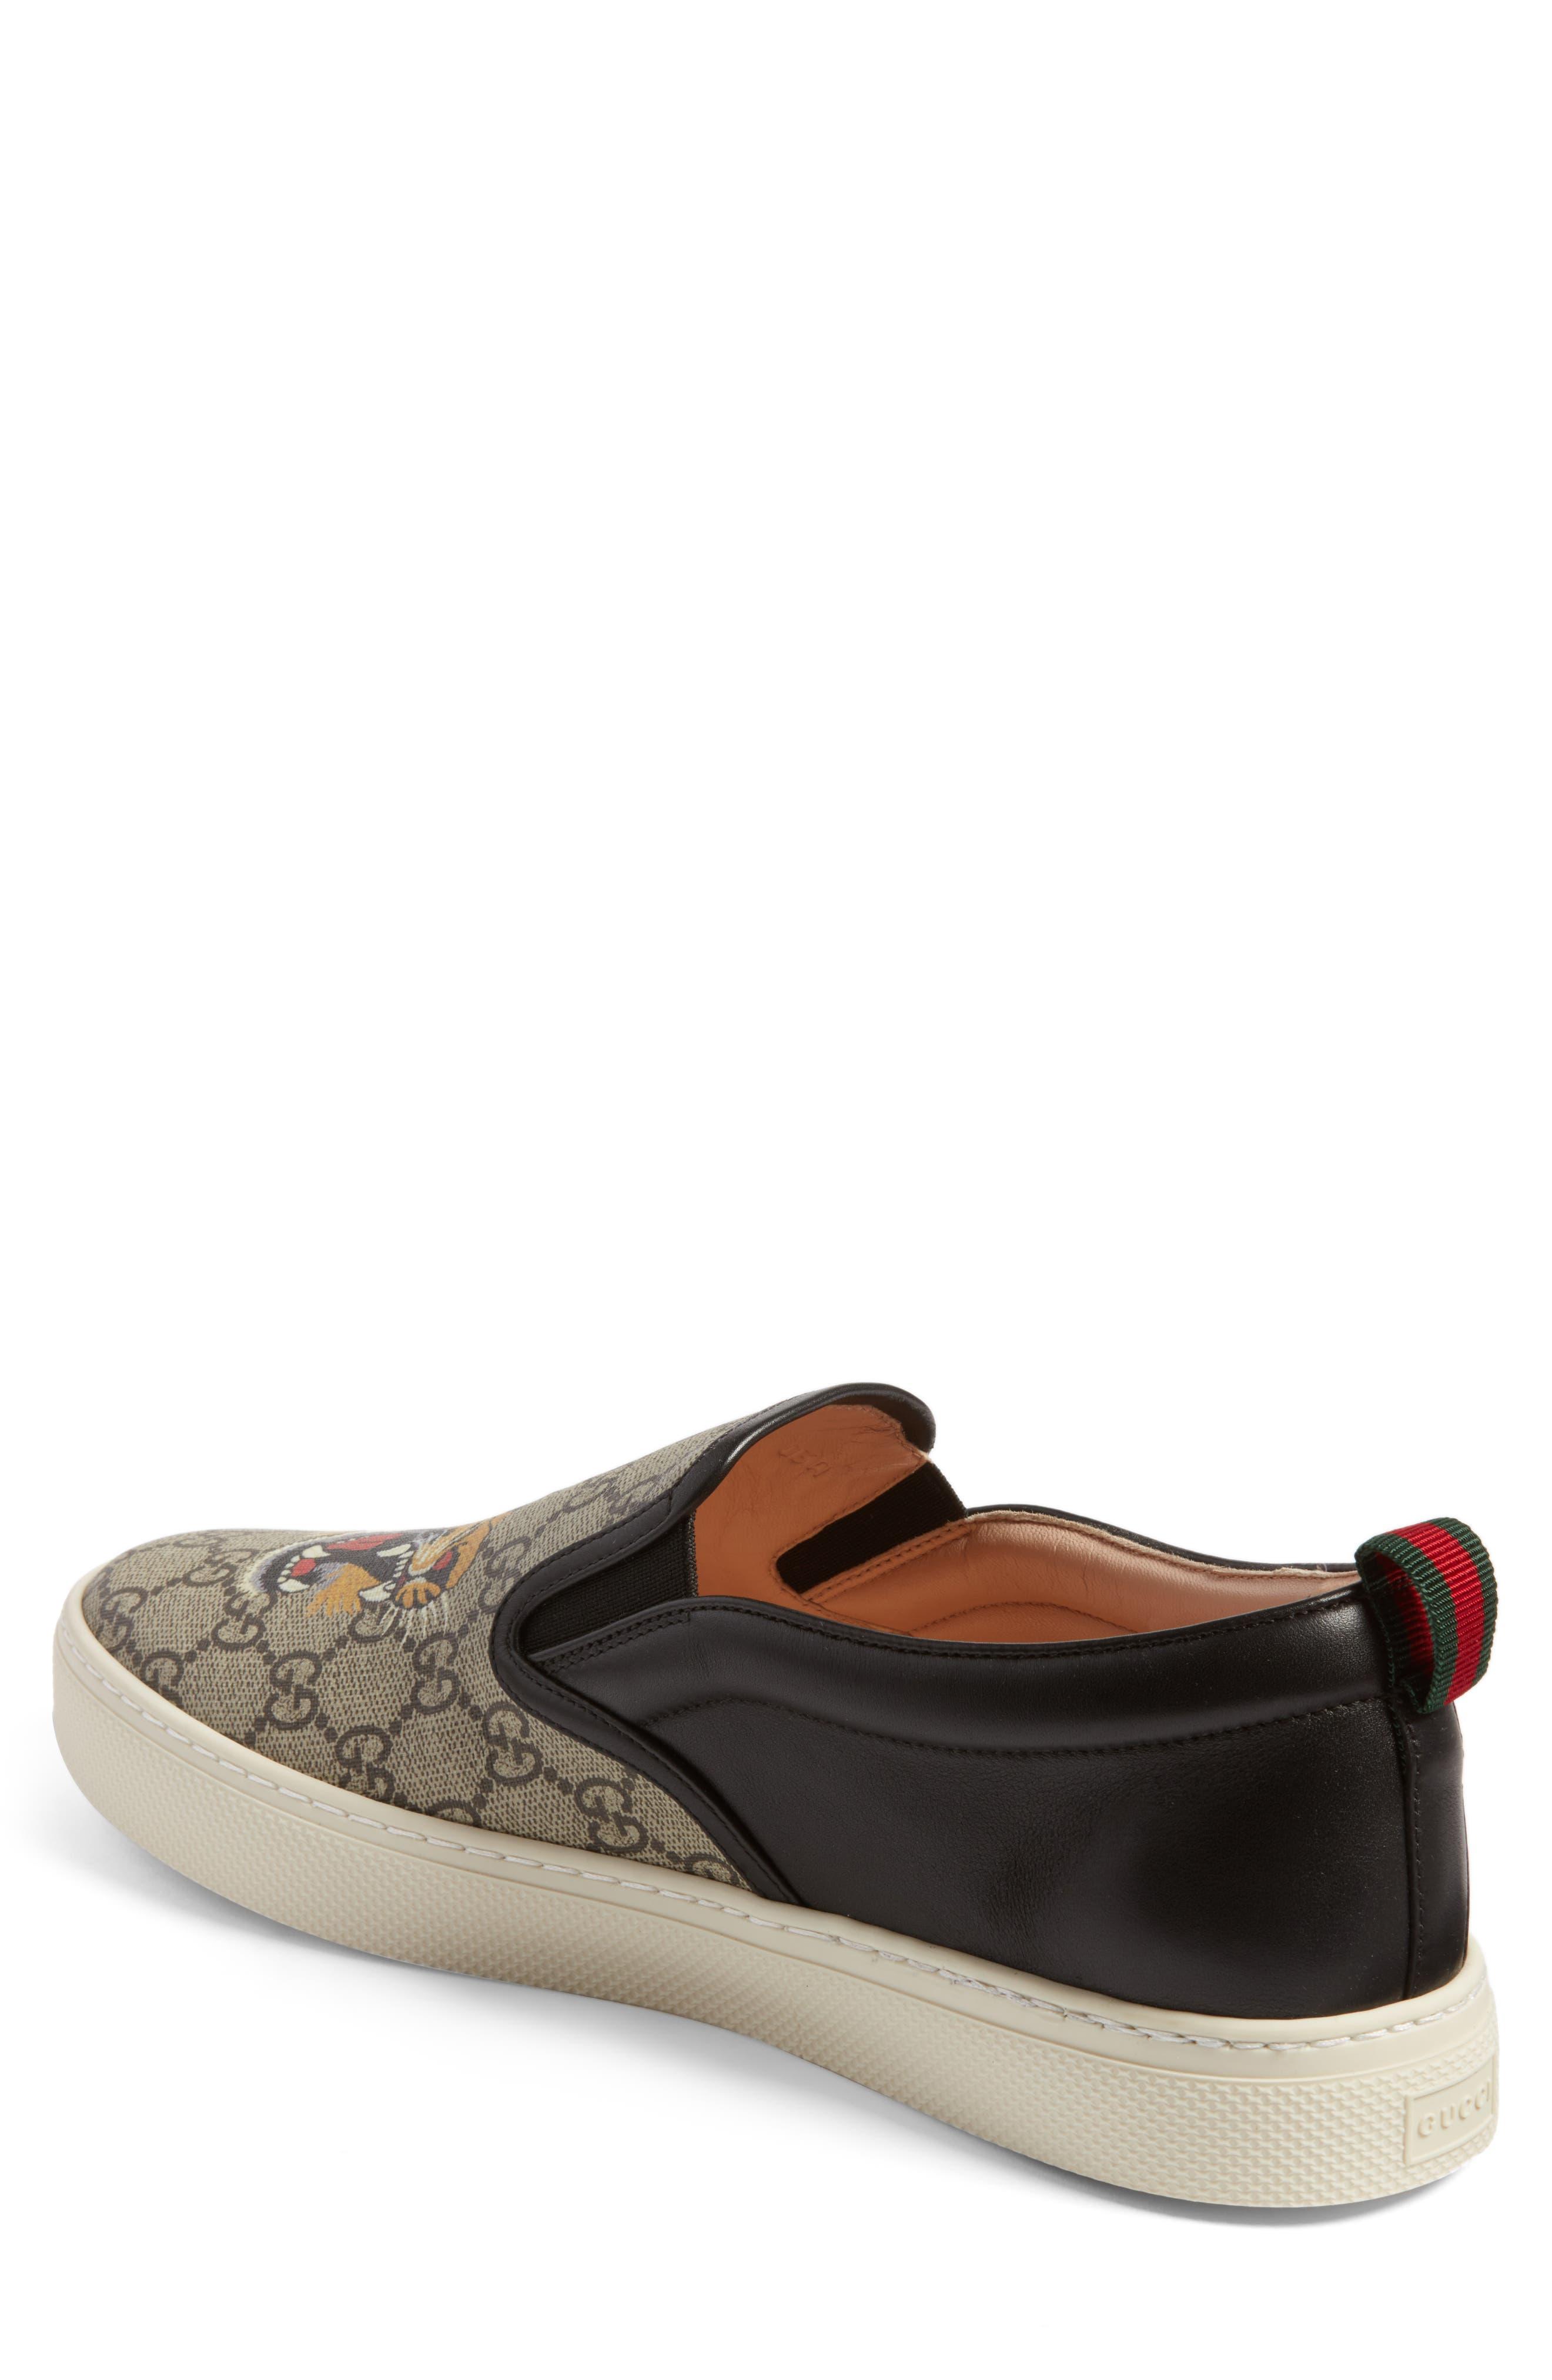 Dublin Slip-On Sneaker,                             Alternate thumbnail 27, color,